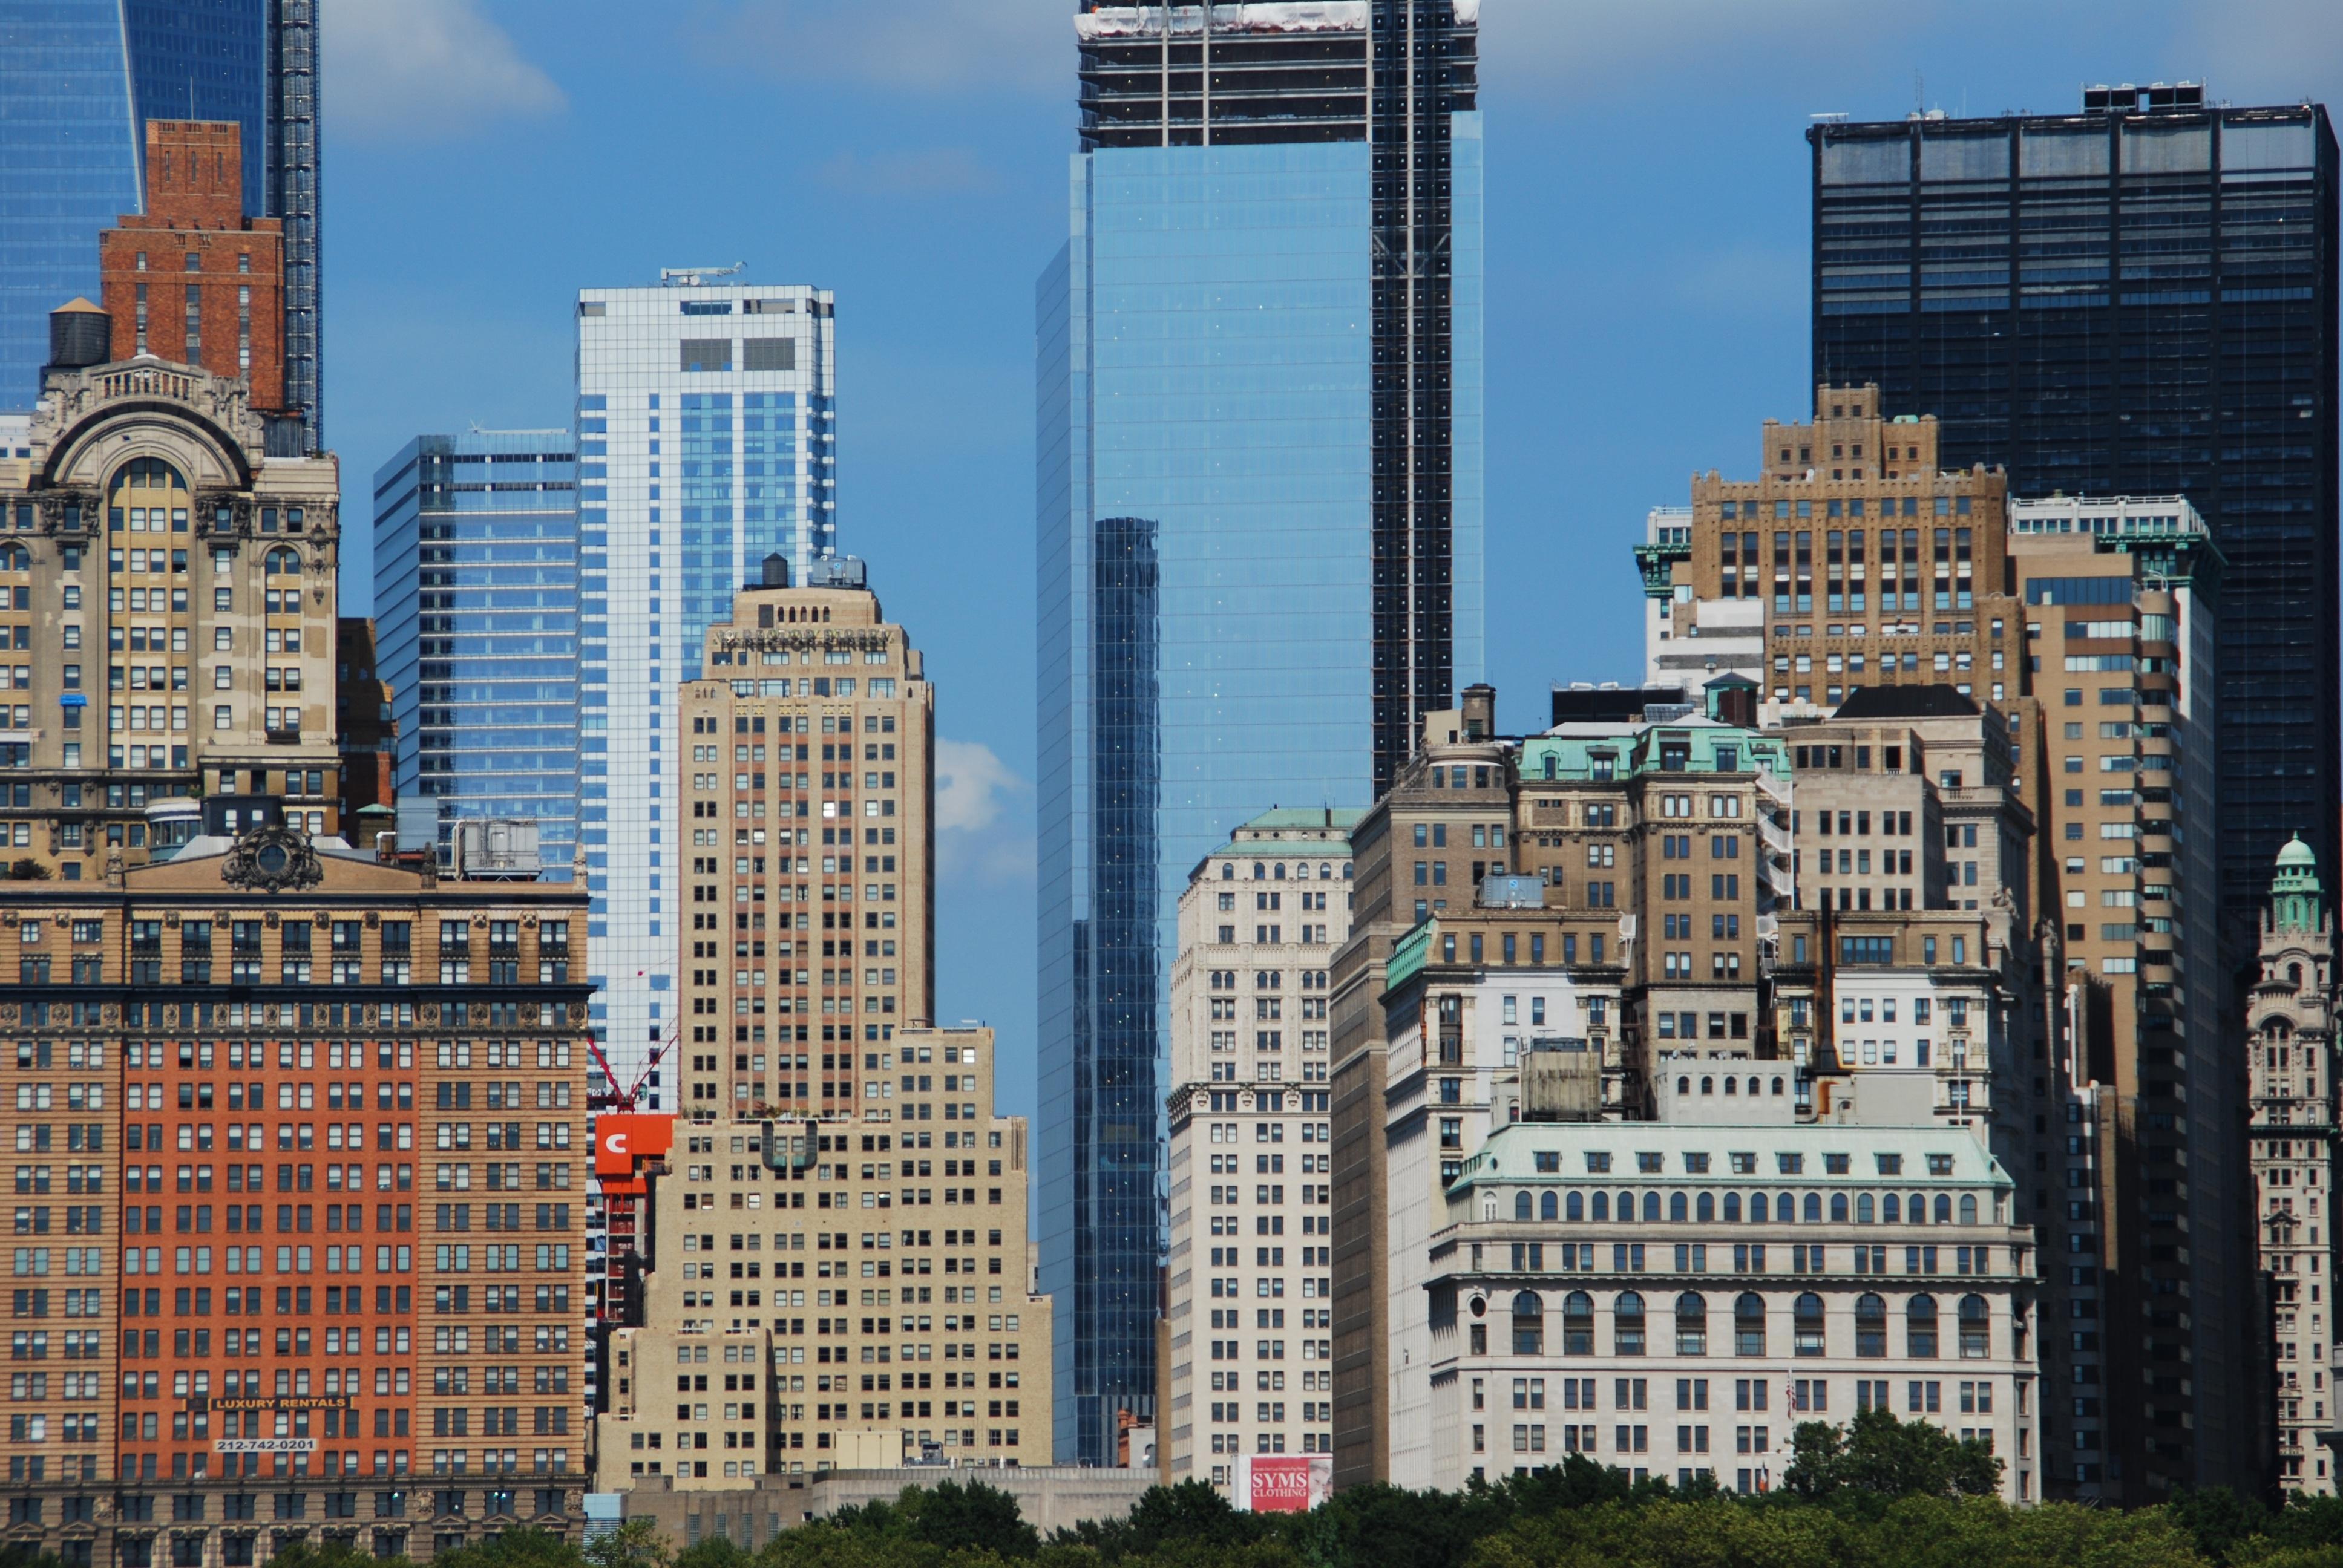 fotos gratis horizonte edificio rascacielos nueva york paisaje urbano centro de la ciudad torre estados unidos america